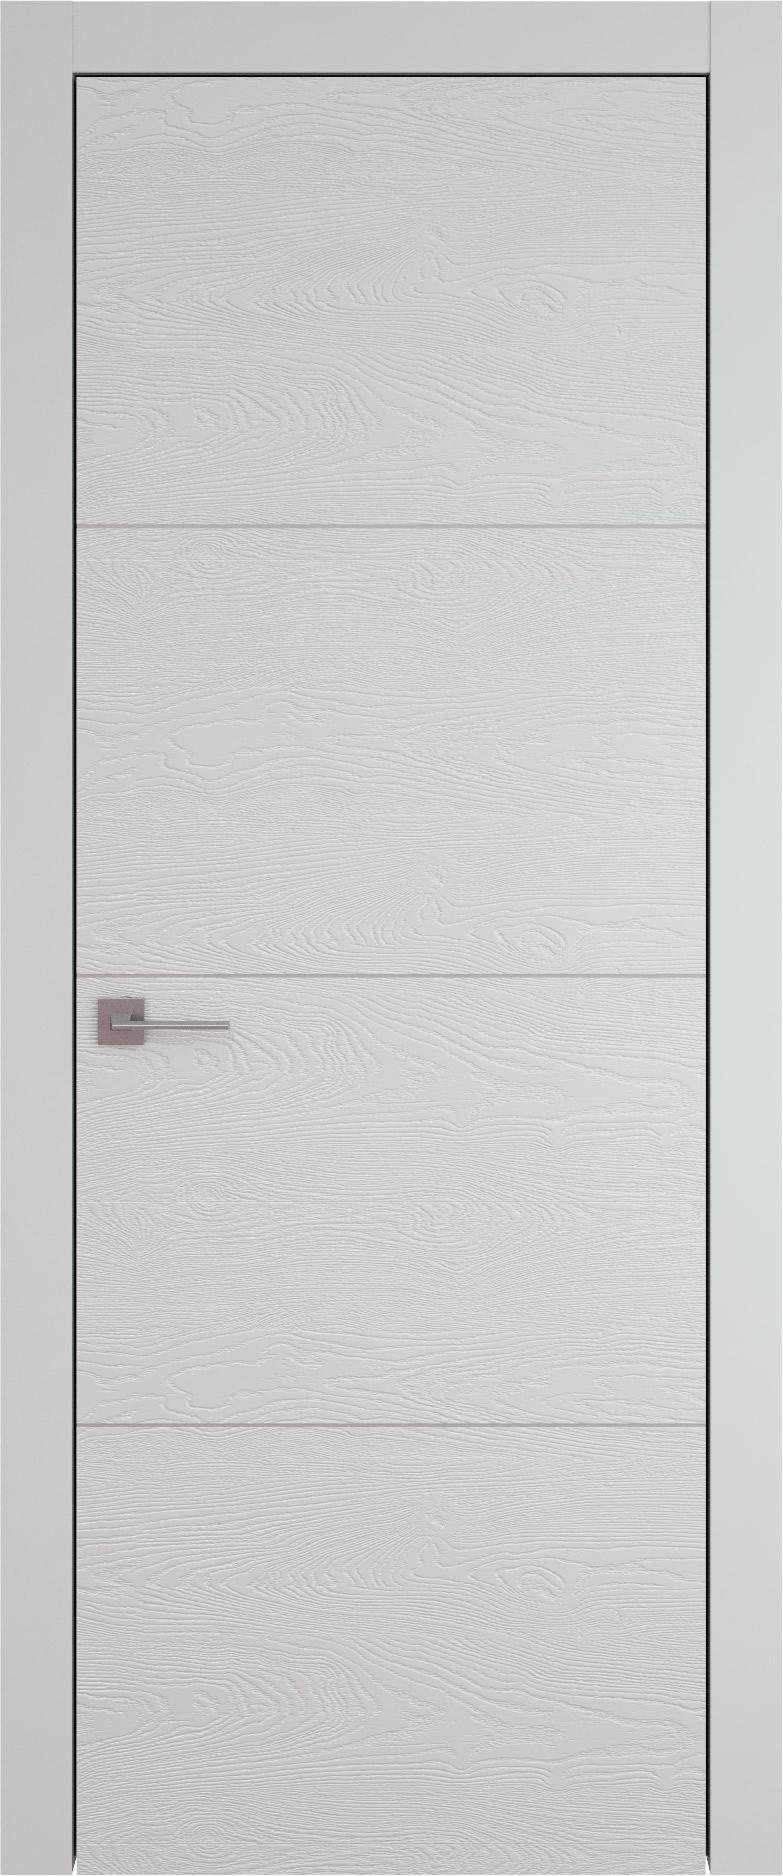 Tivoli Г-3 цвет - Серая эмаль по шпону (RAL 7047) Без стекла (ДГ)